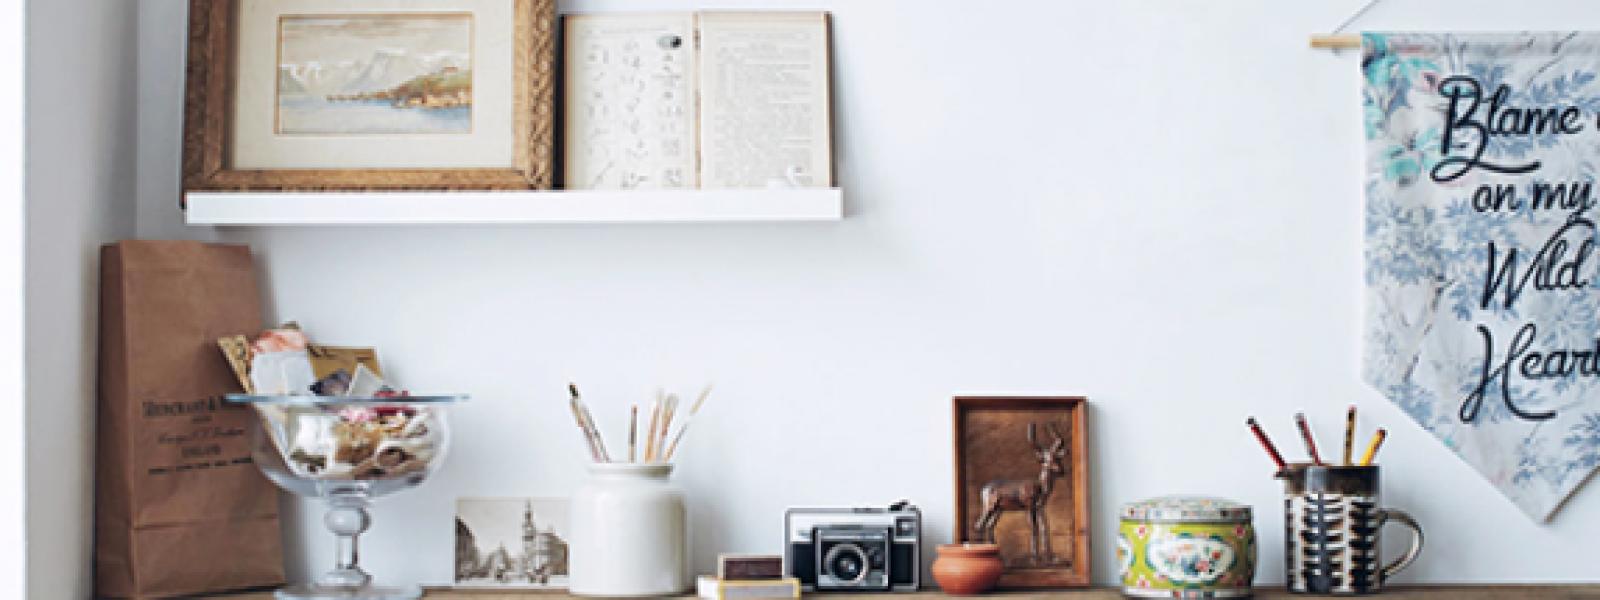 Inspiration skrivbordsplats